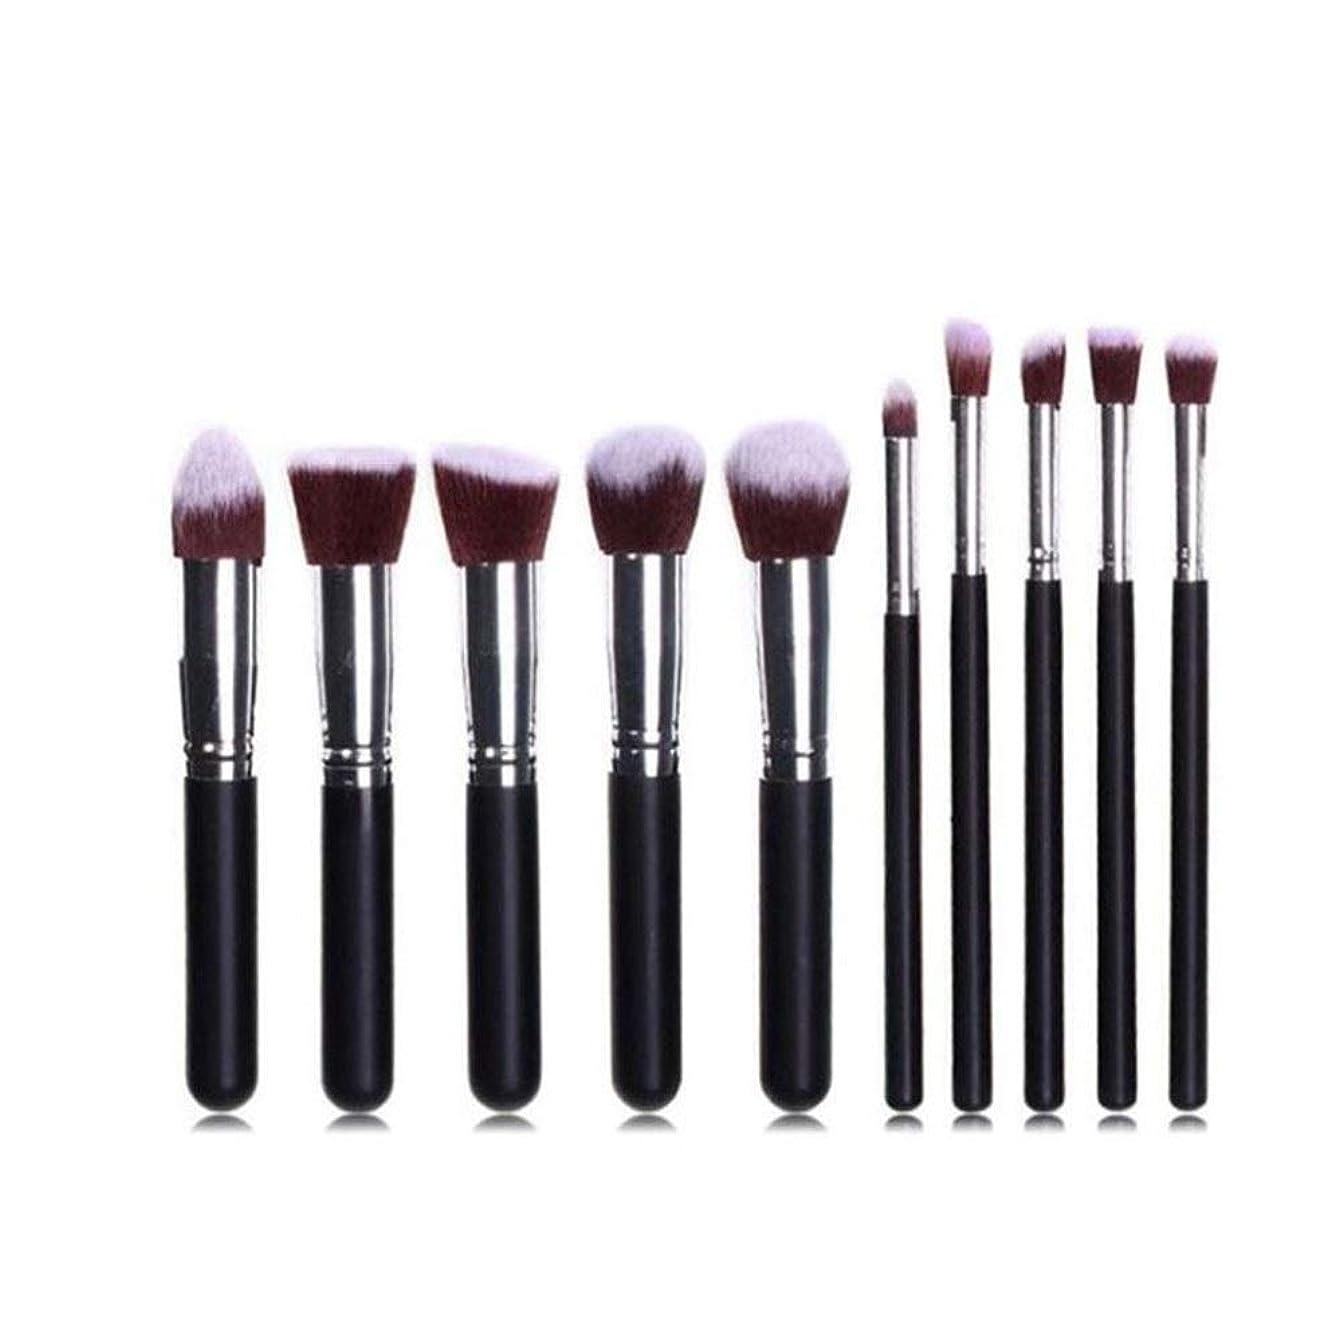 敬意を表するアサート適合する10化粧ブラシセット5ビッグ5スモールメイクブラシ美容メイクツール5ビッグ5スモール美容ブラシポータブルメイクブラシ メイクアップブラシ (Color : Black silver)